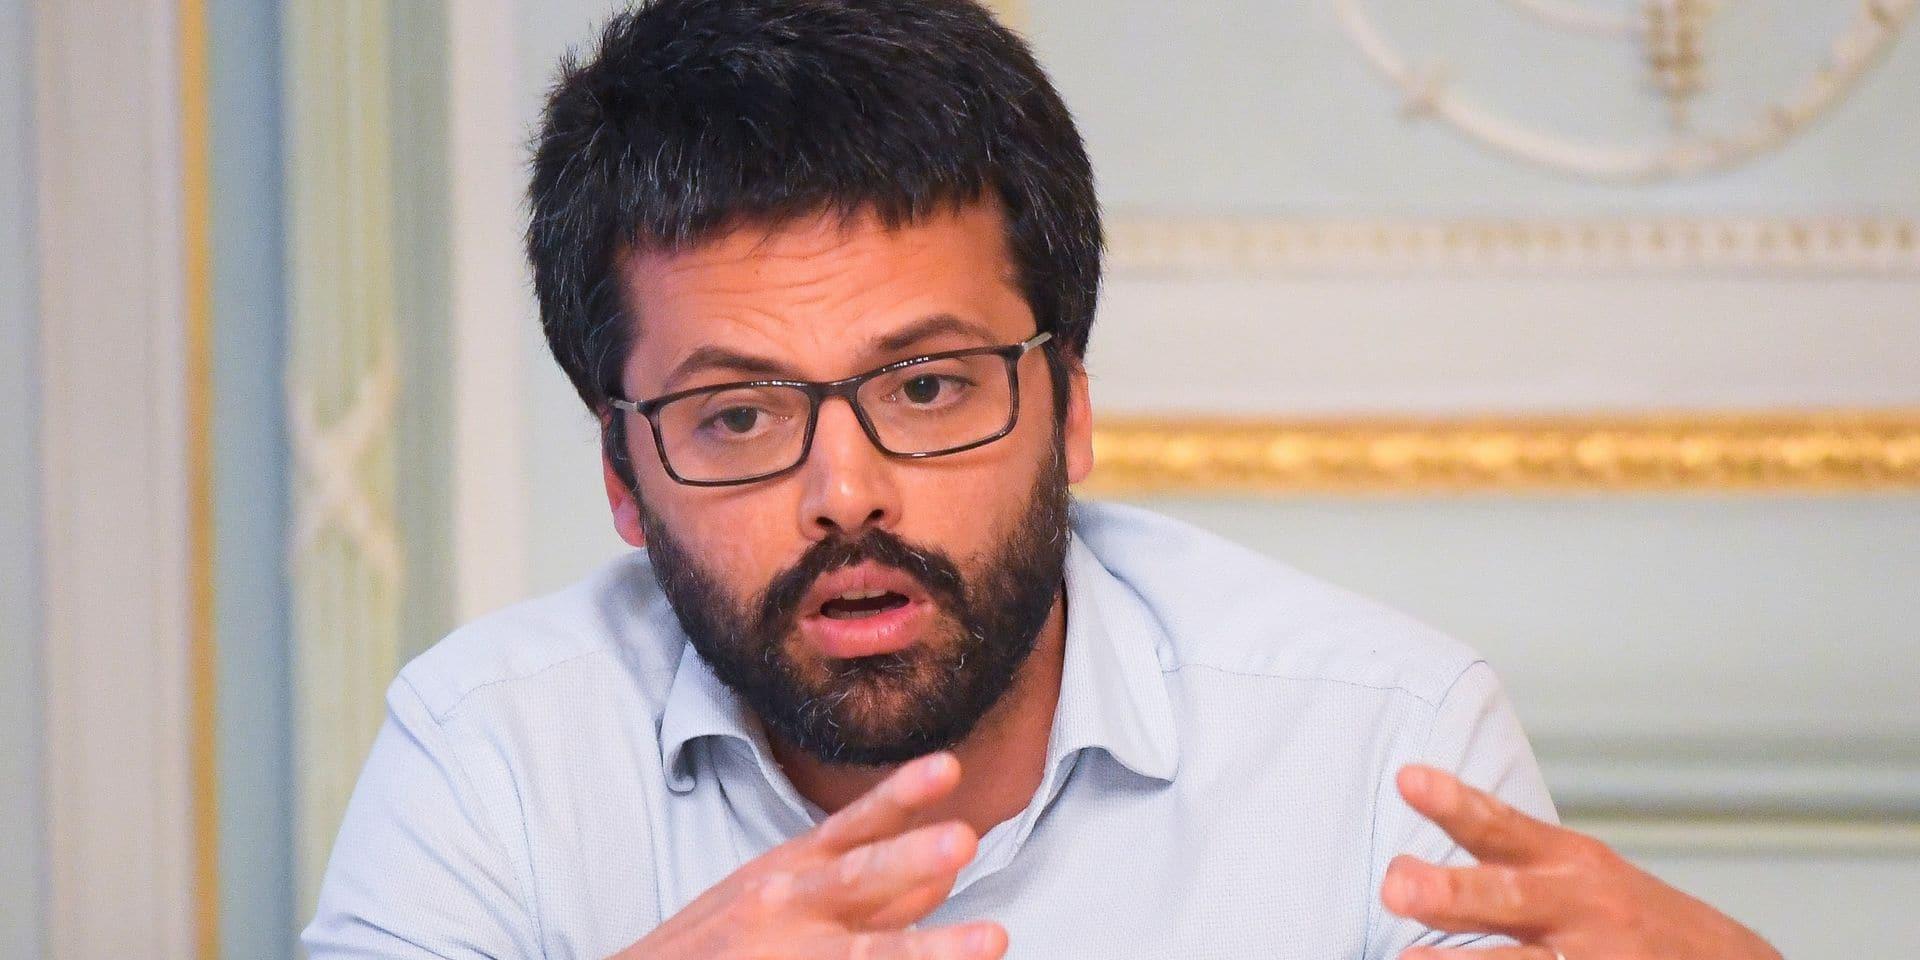 """Emmanuel André critique vivement la gestion de la crise du coronavirus: """"Nous aurions dû renforcer ce système plus tôt"""""""